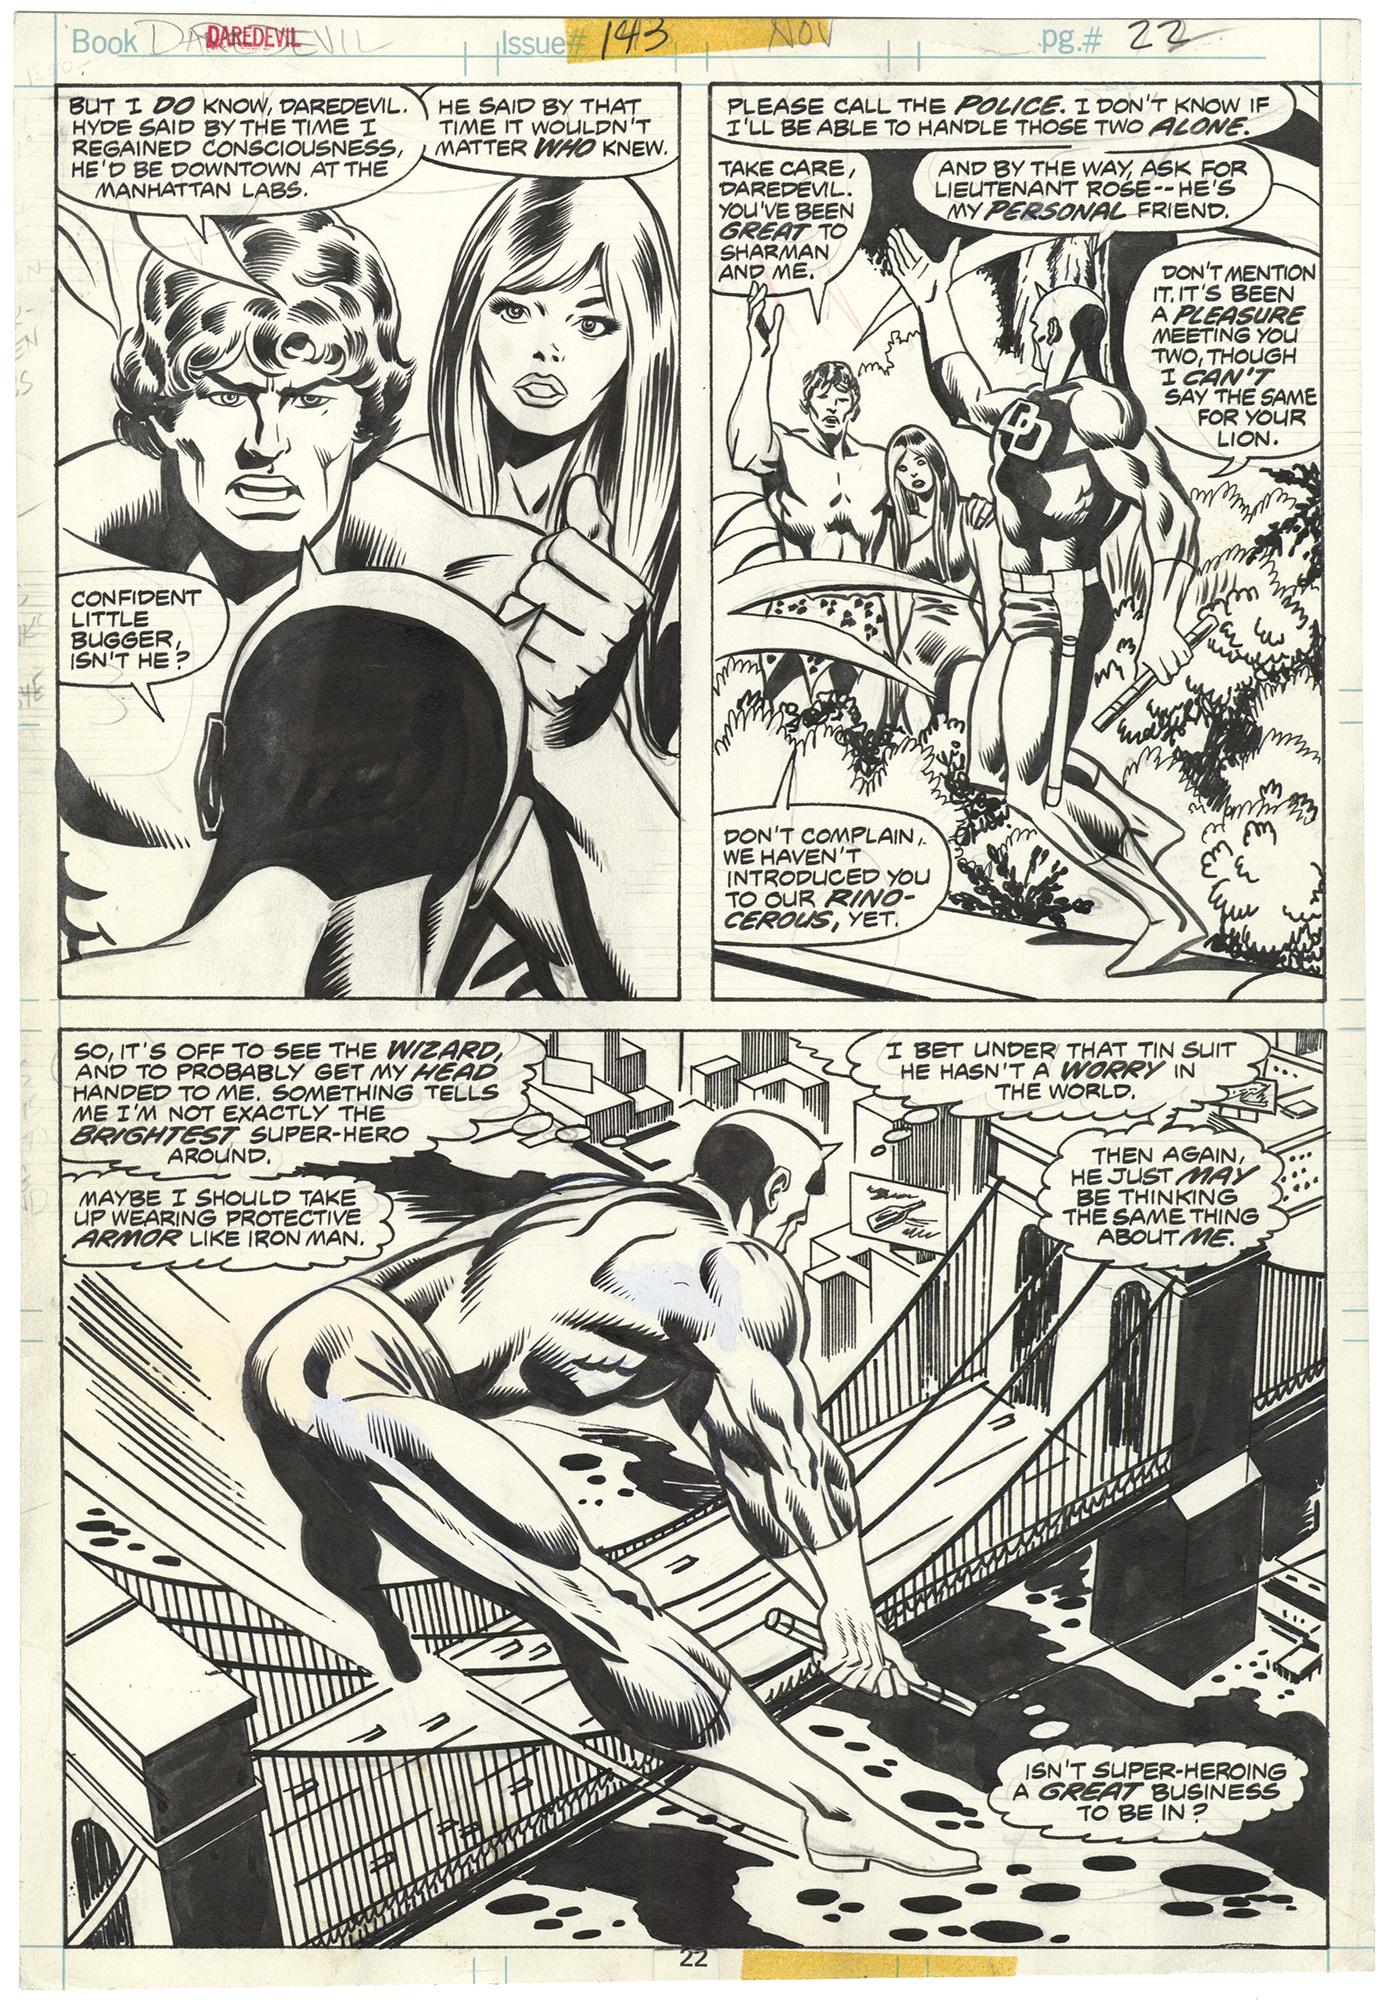 Daredevil #143 p22